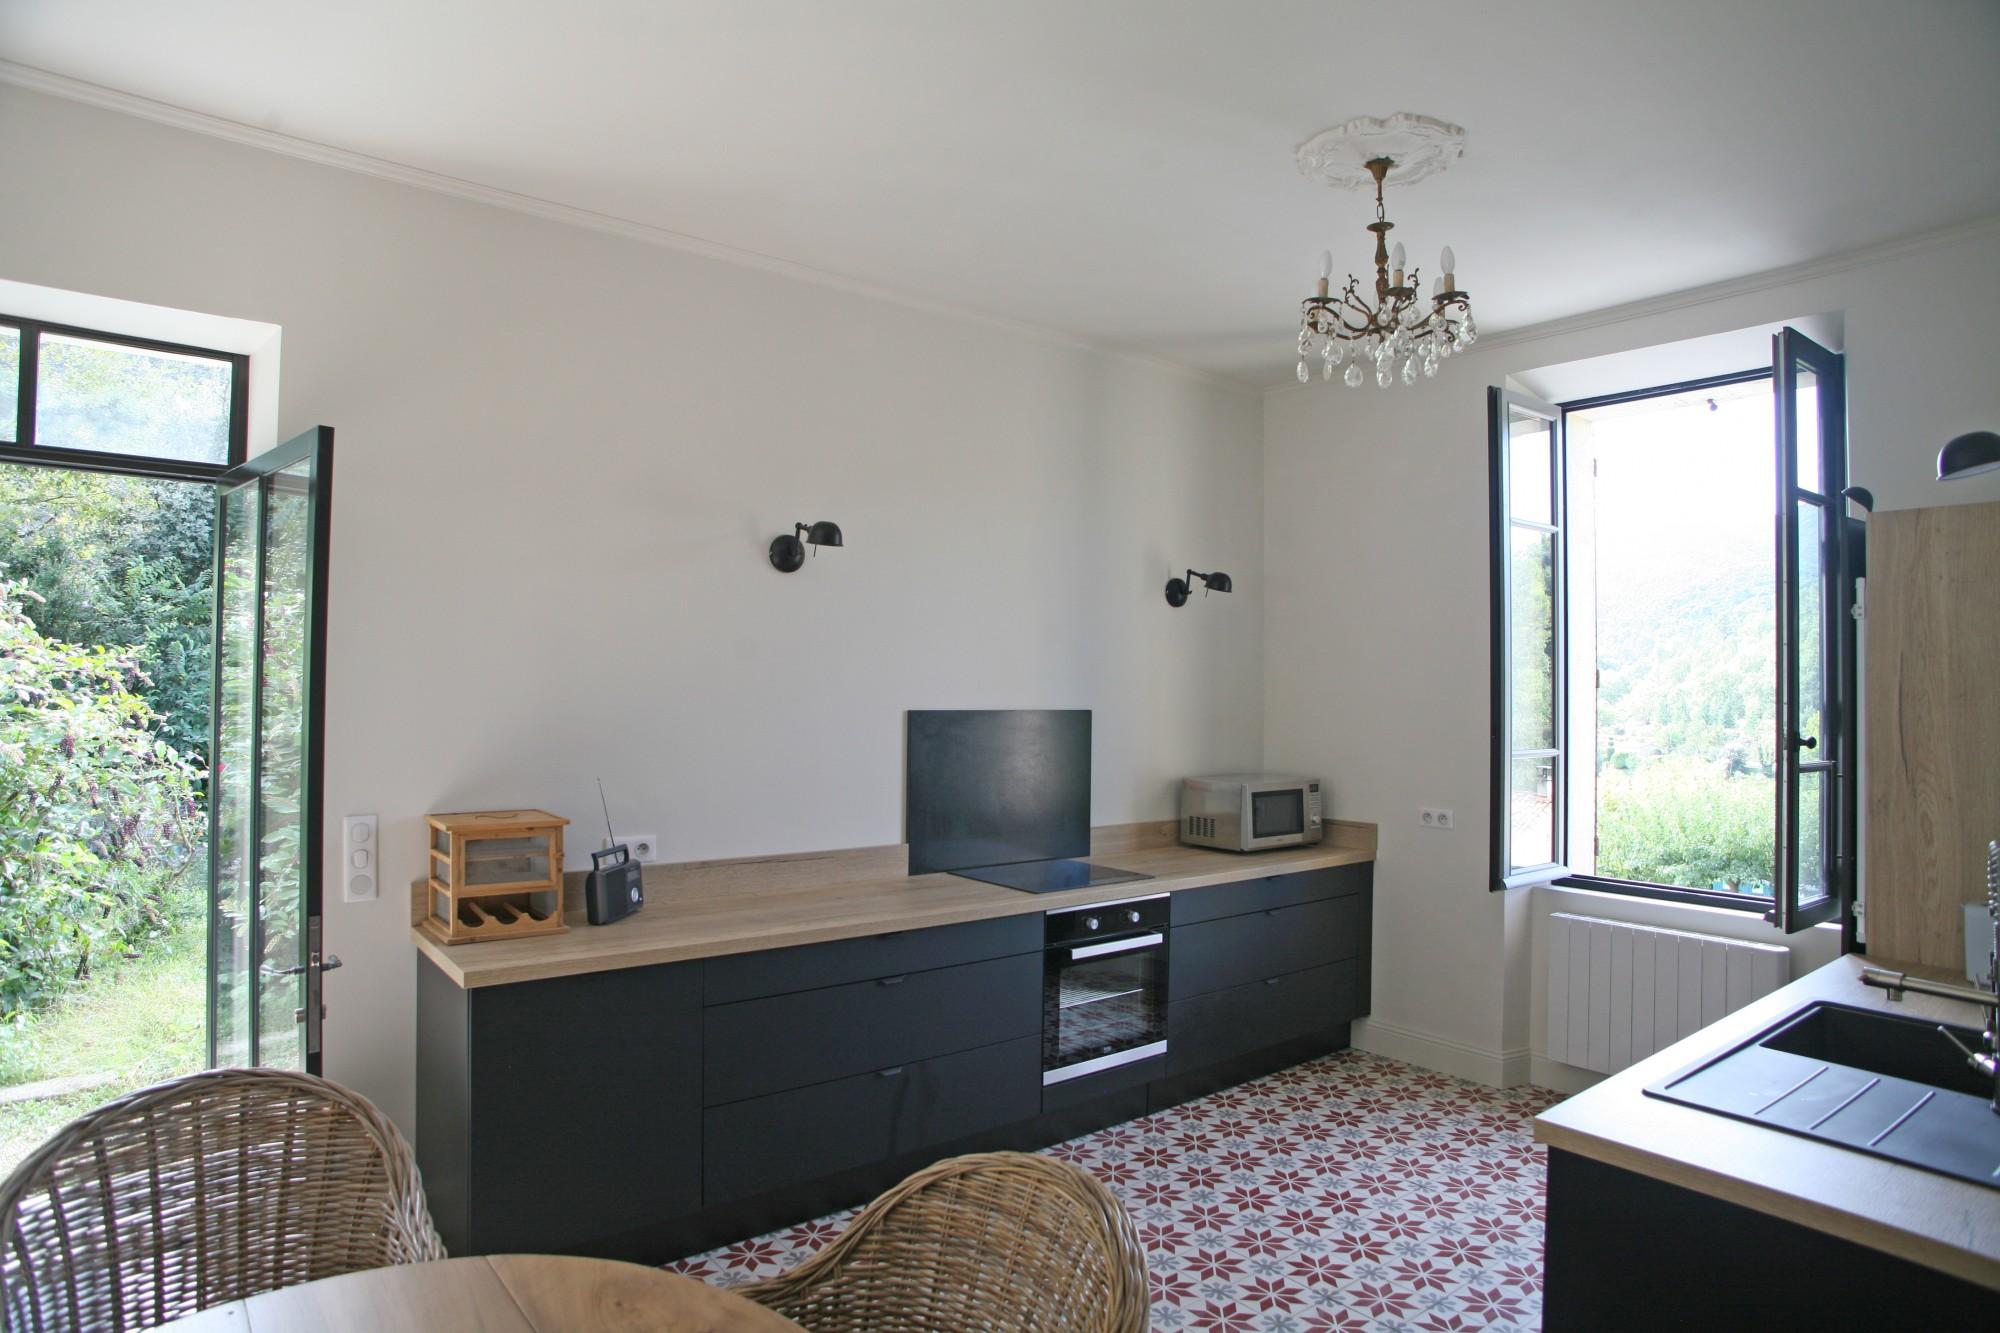 Ventes tr s belle maison de village des ann es 30 avec jardin et vue agence rosier - Maison des annees 30 ...